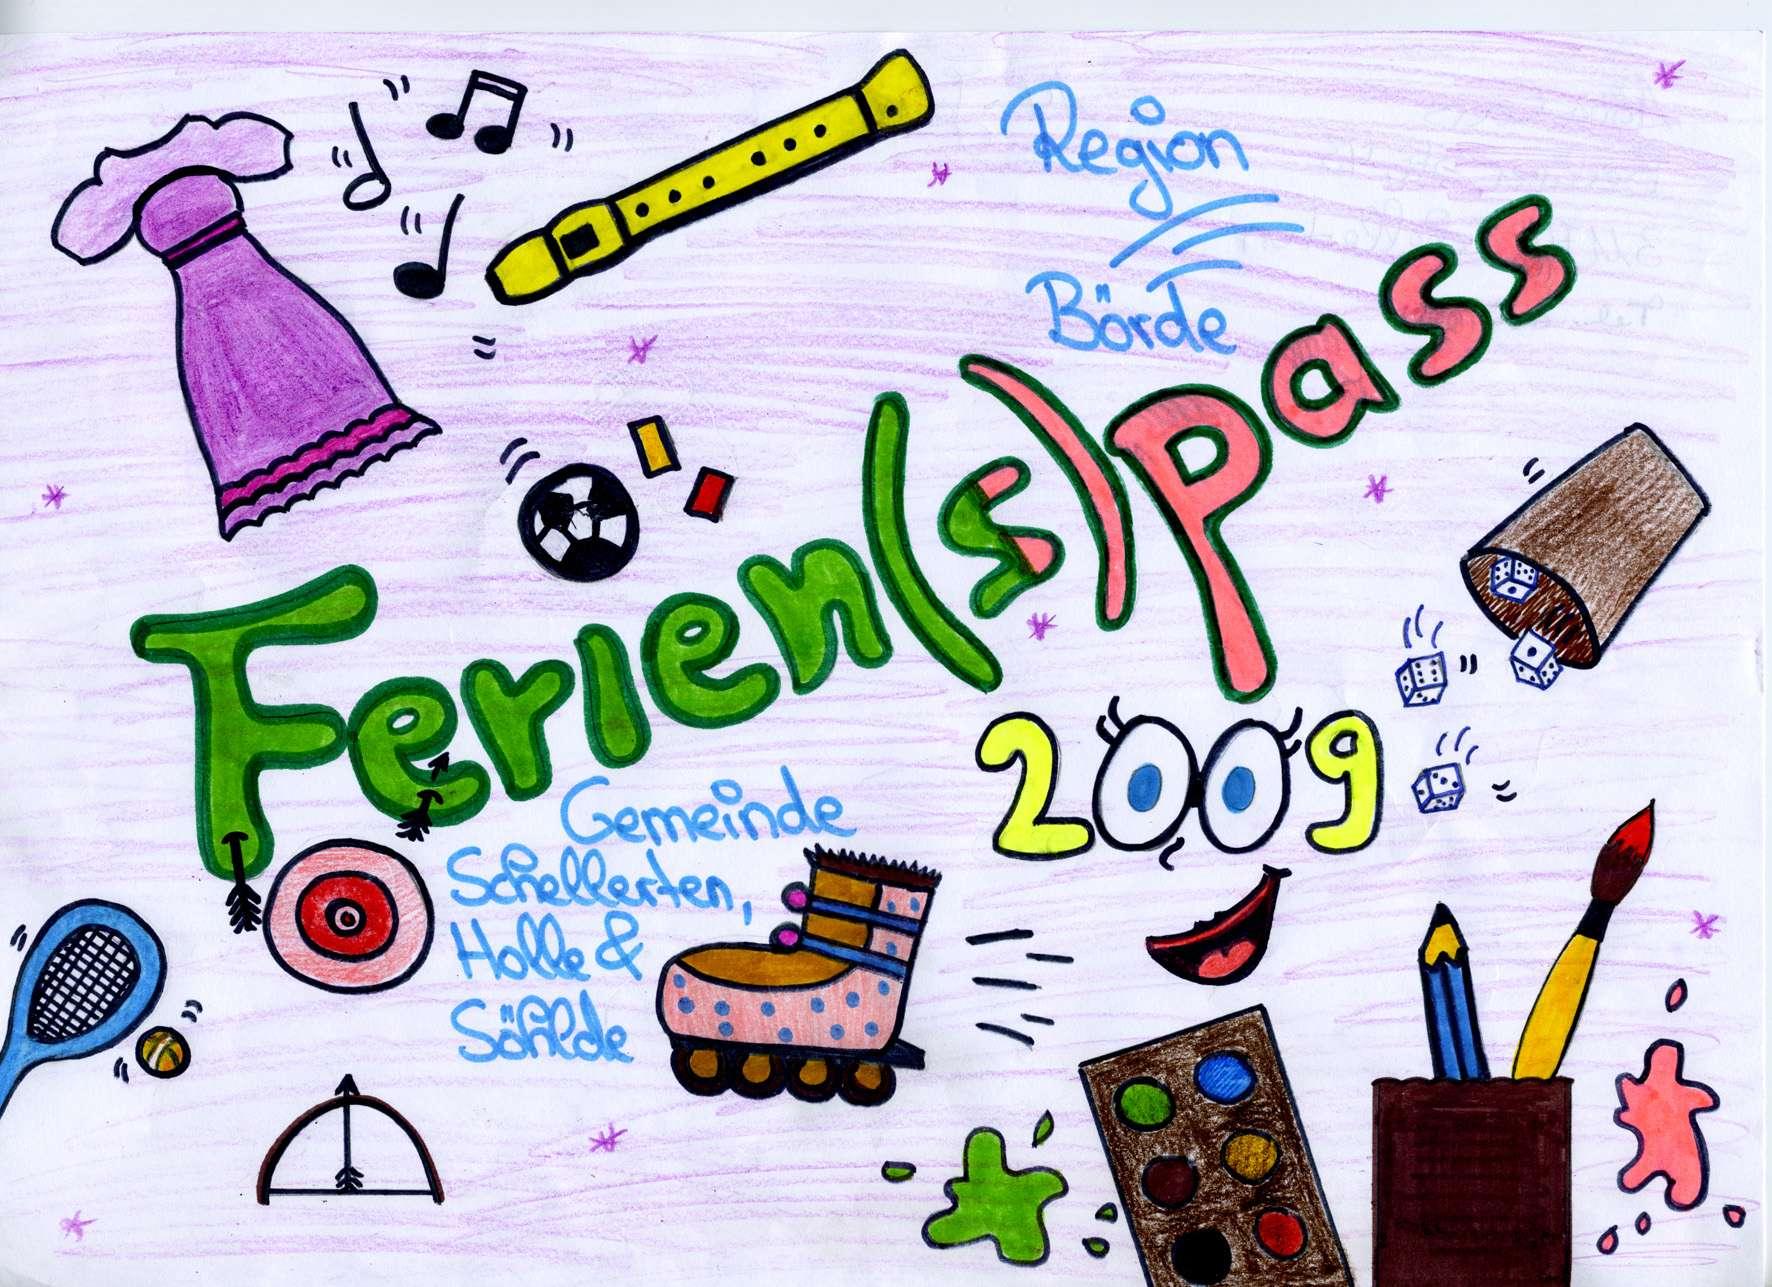 FerienSpass2009